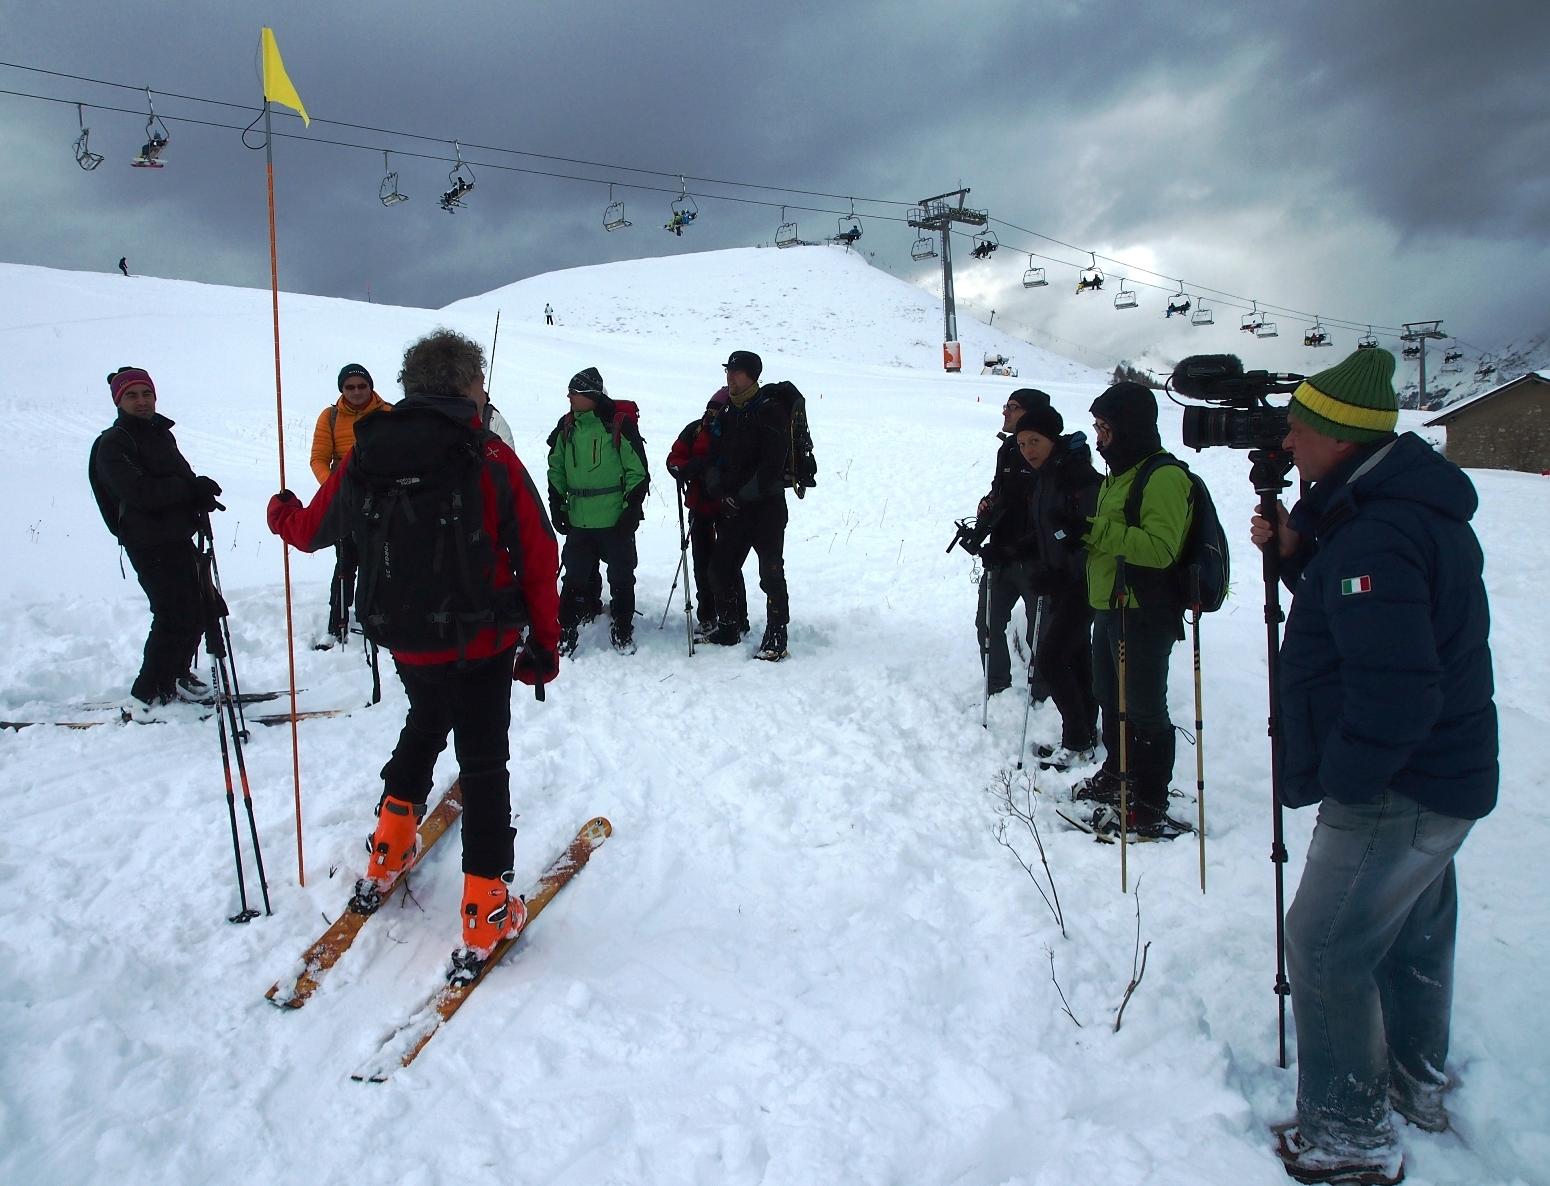 Piani di bobbio sicuri sulla neve torna domenica in for Piani mensili in montagna